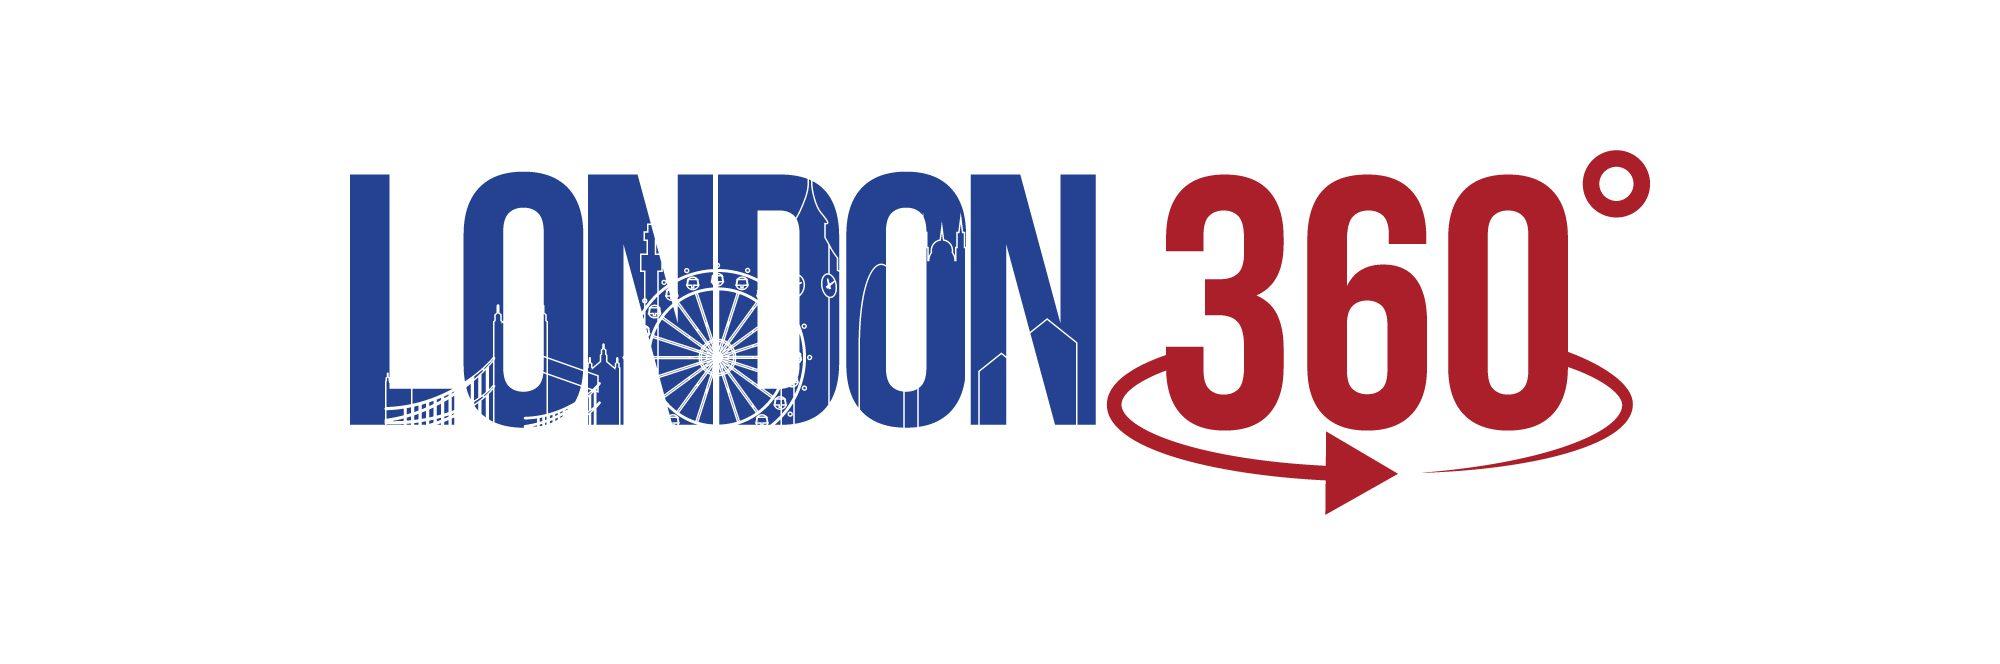 London 360°